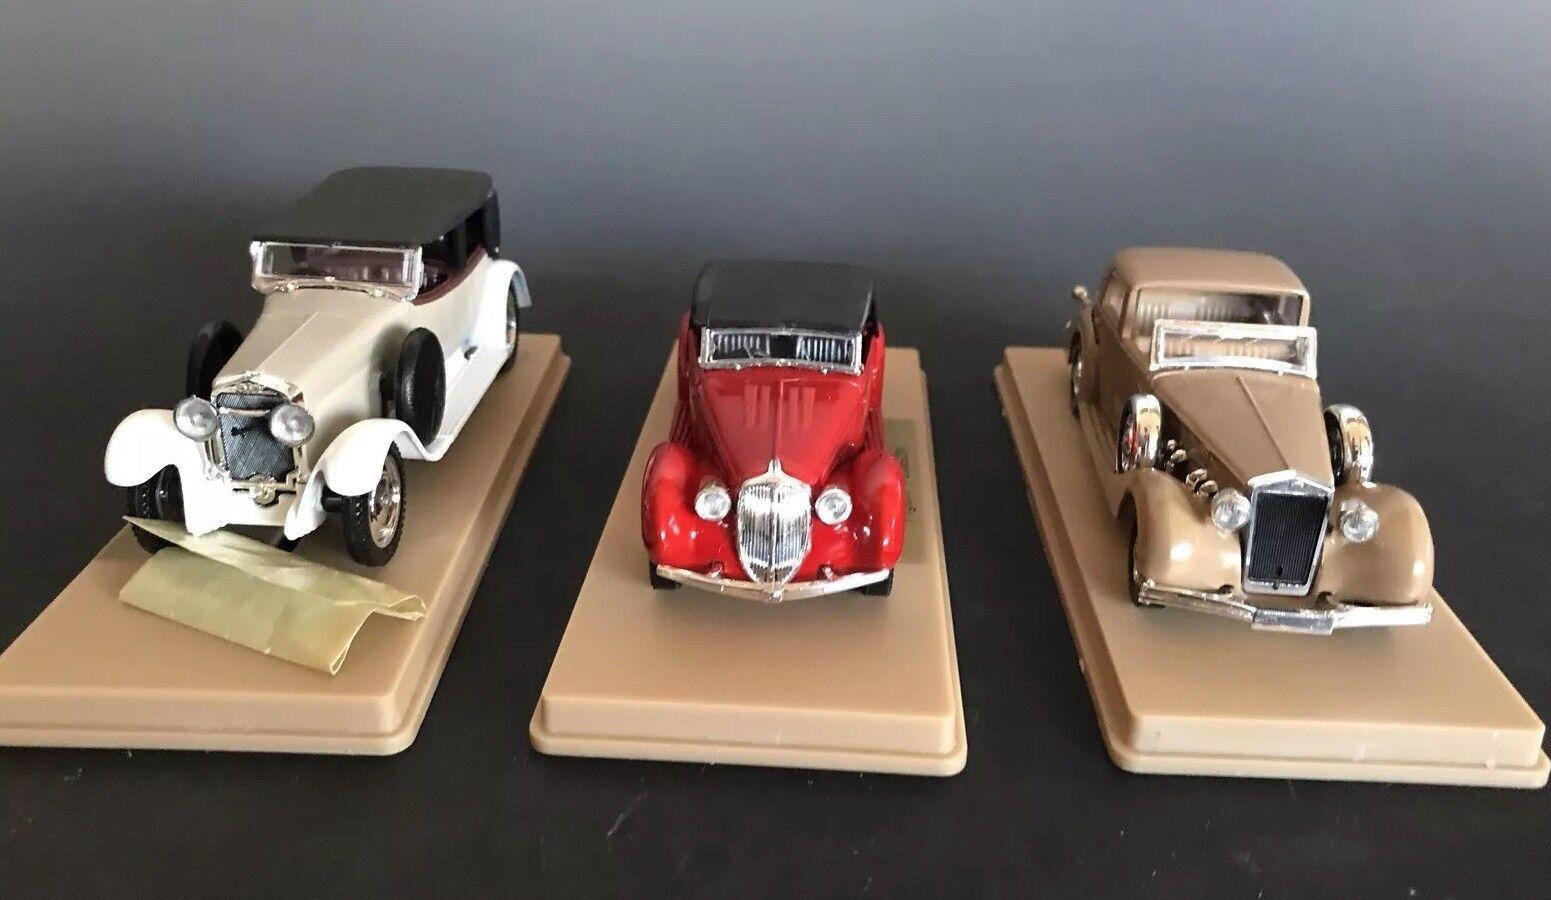 Solido Age D 'or Lote of.3 Colección Cars  1162, 1162, 1162, 1151, 1148 Con Cajas Originales e72b7f